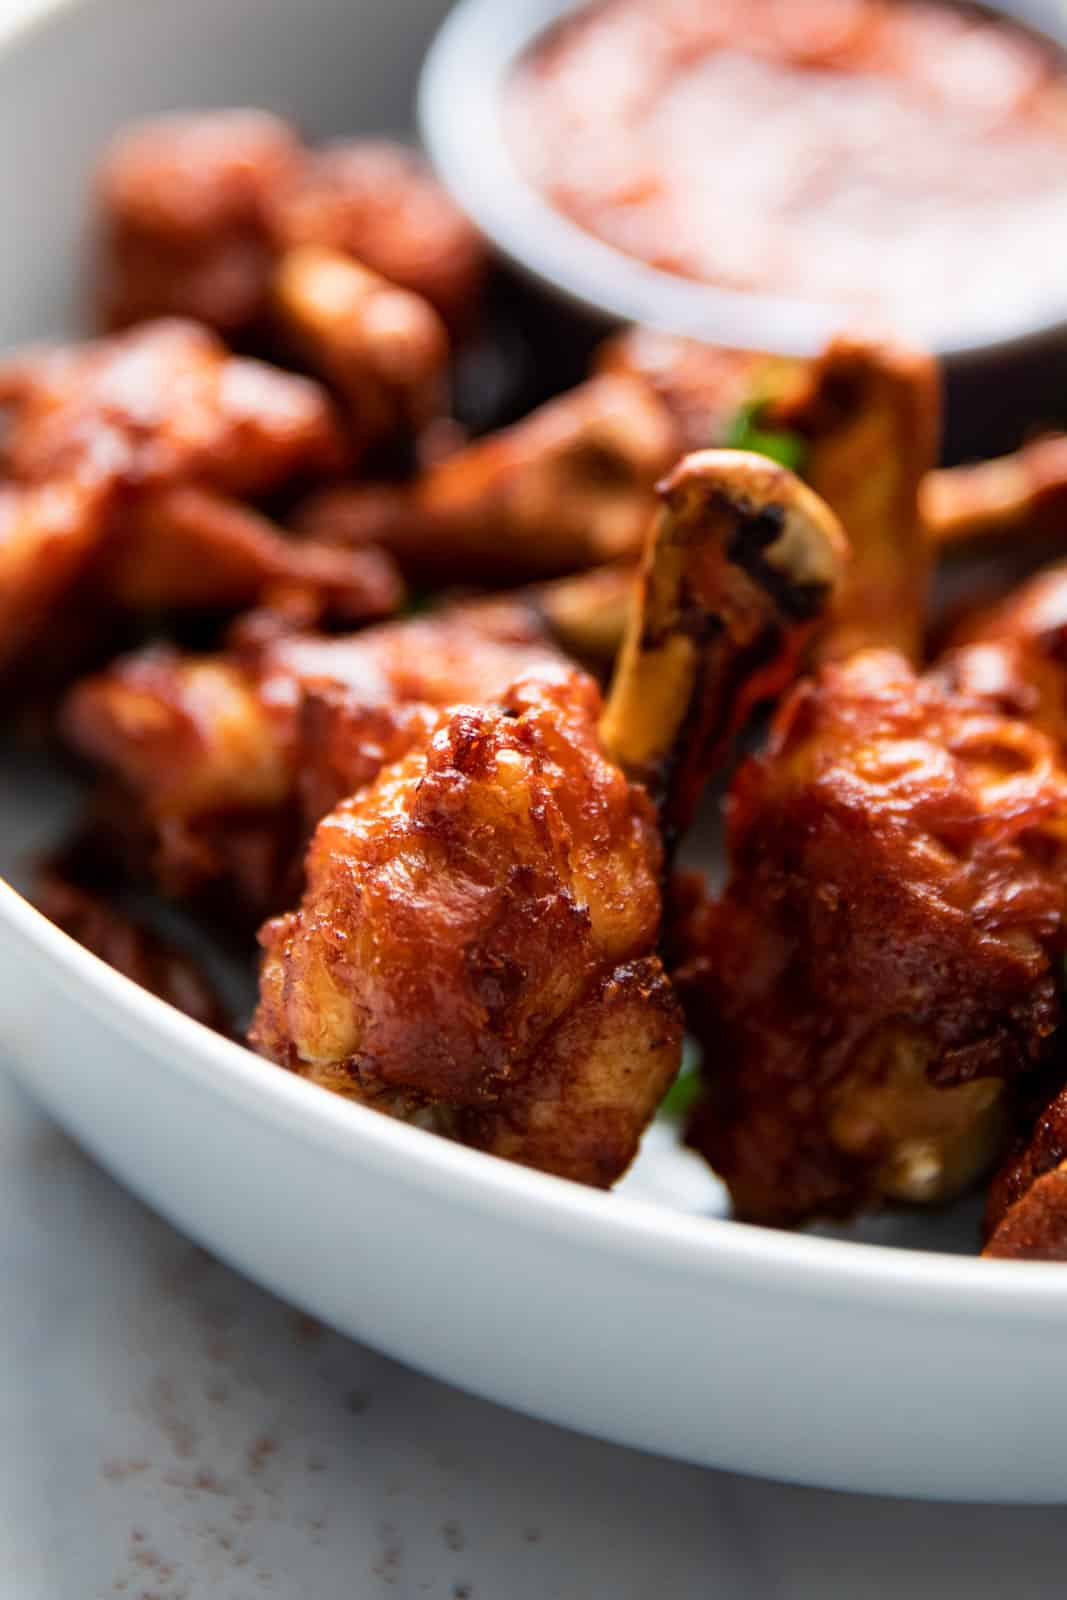 Closeup of chicken lollipop